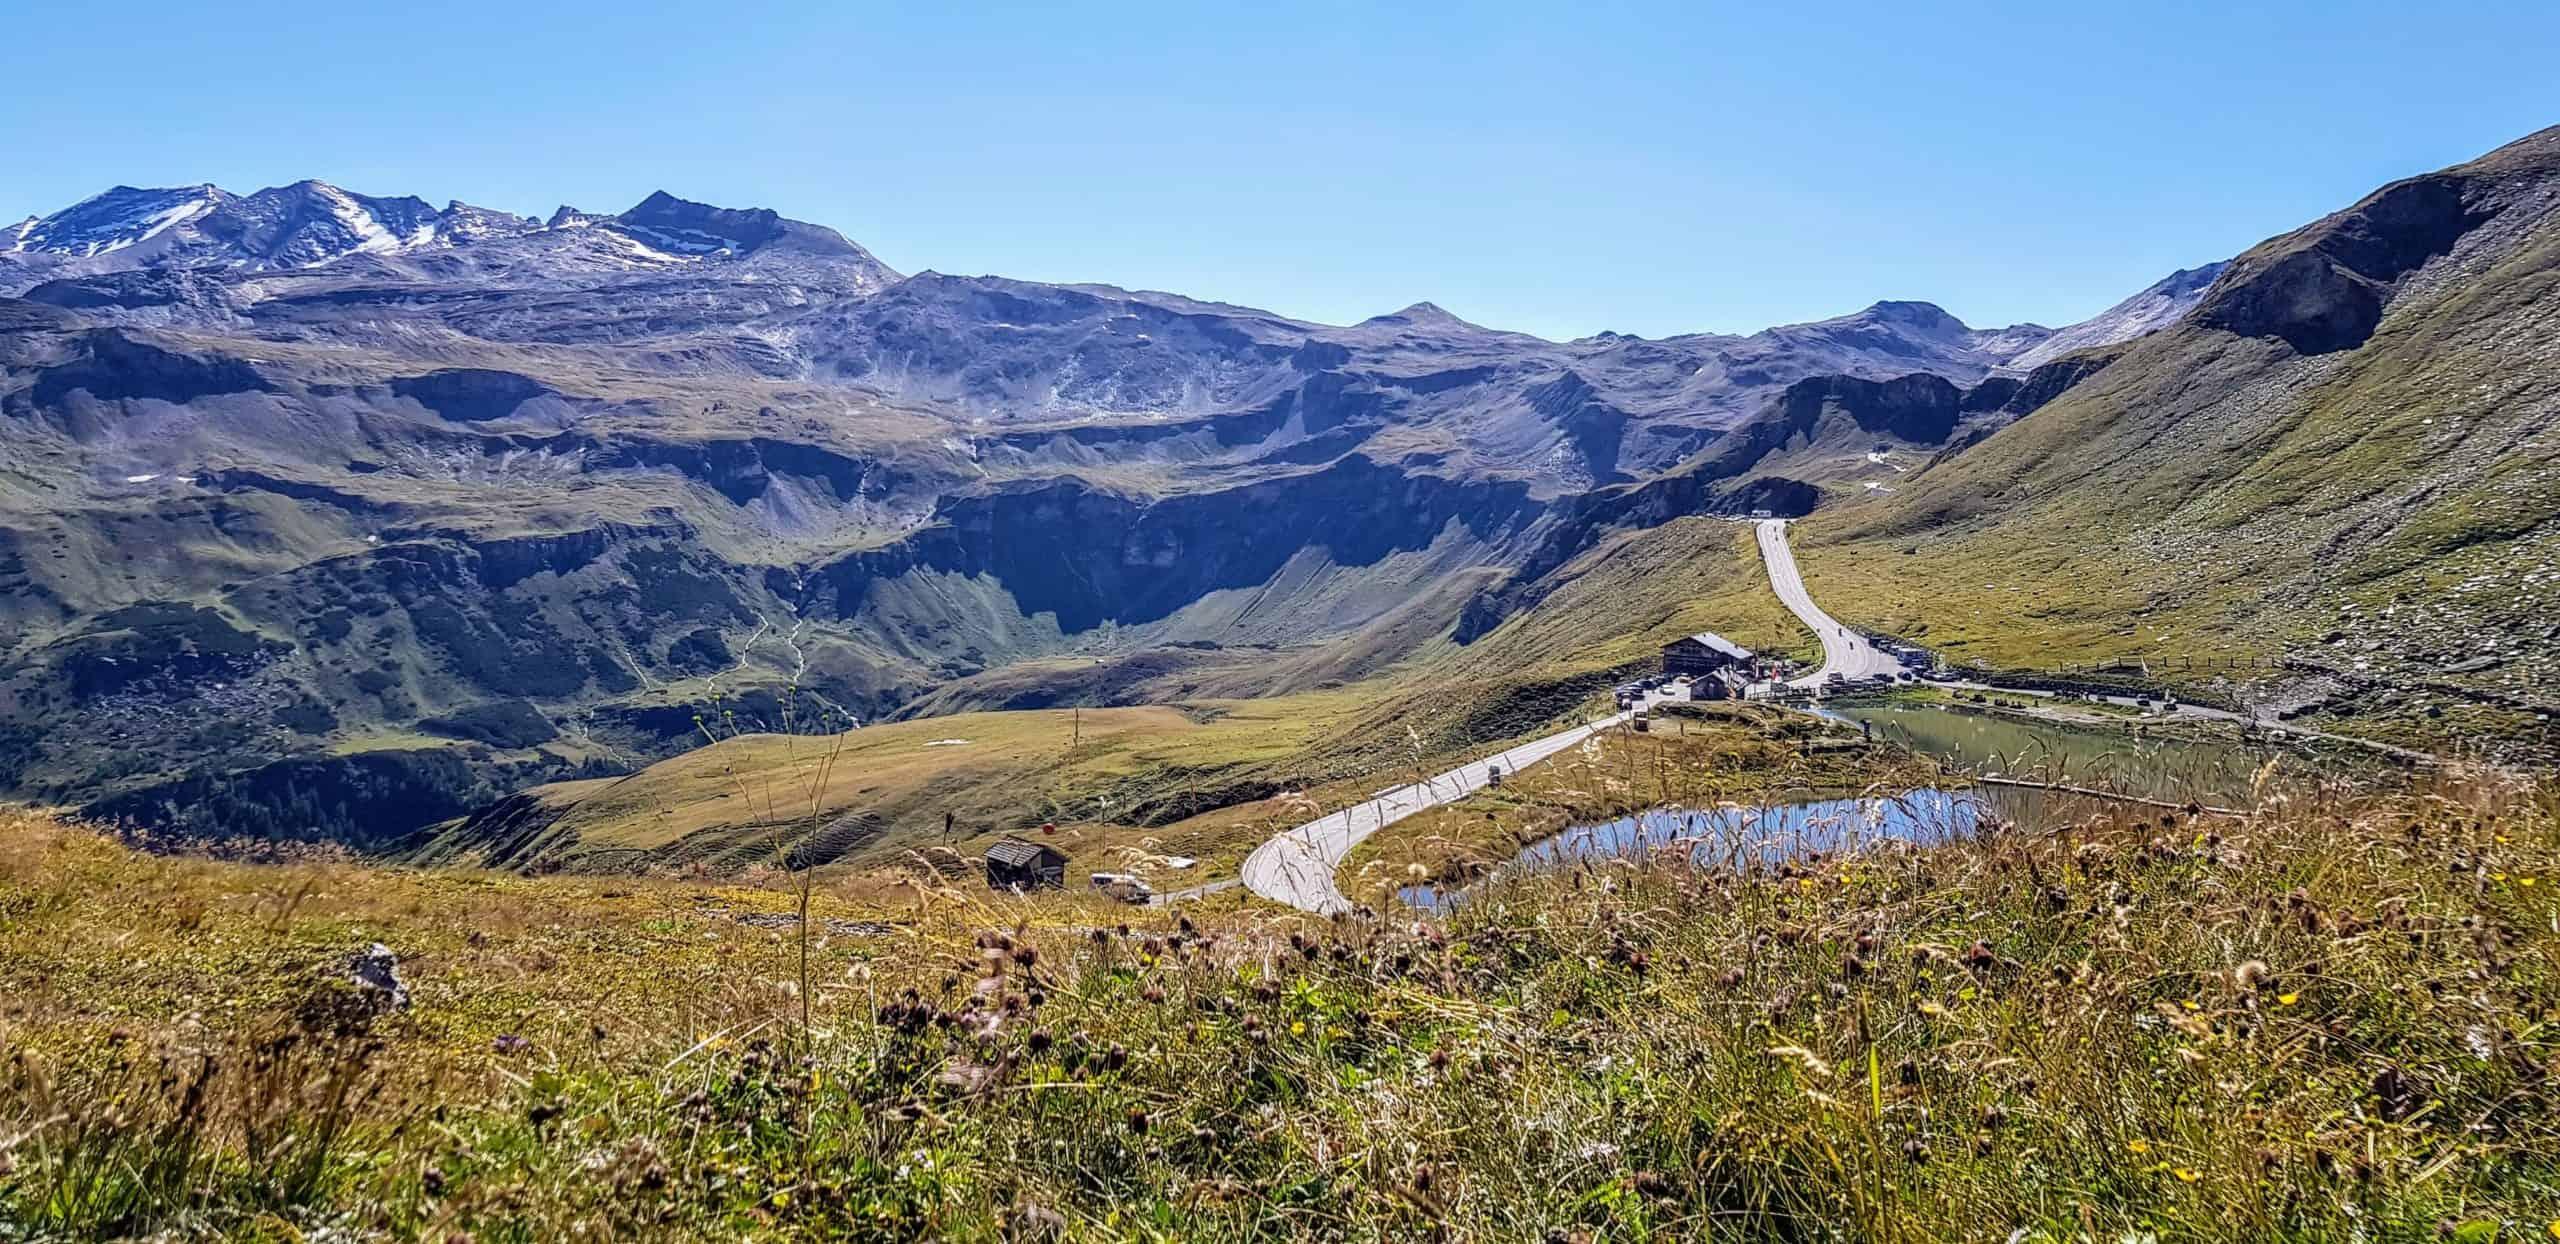 Alpen Nationalpark Hohe Tauern in Österreich mit Fuscher Lacke in Salzburg bei Großglockner Panoramastraße